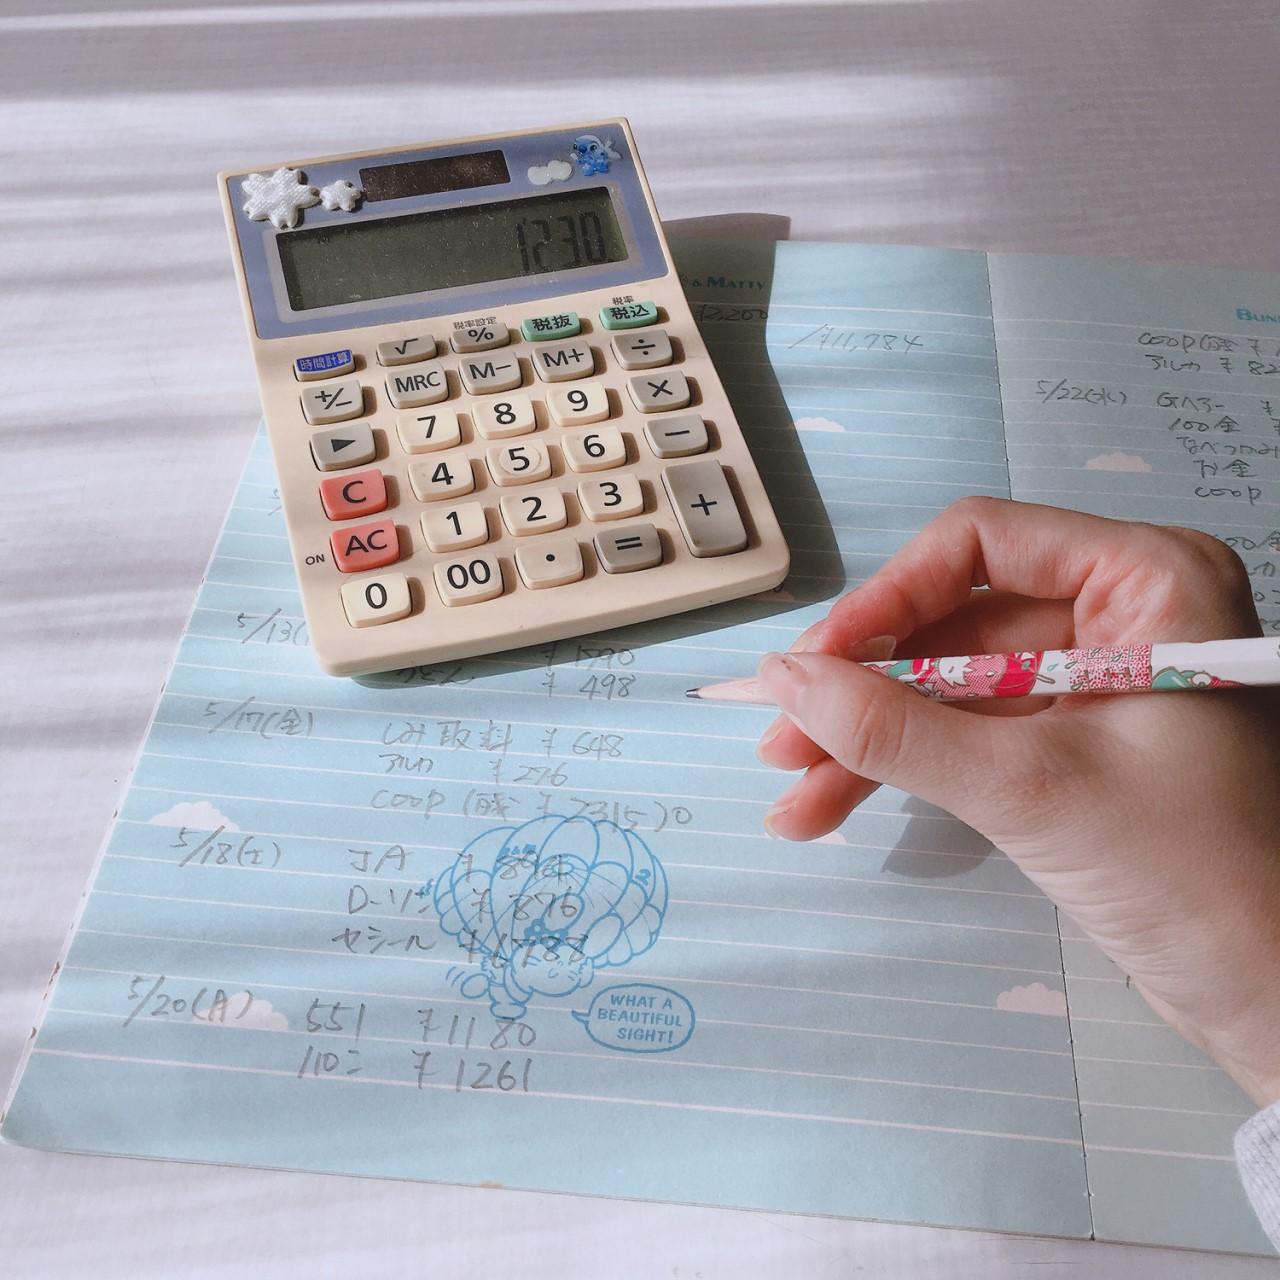 家計簿をつける女性の手